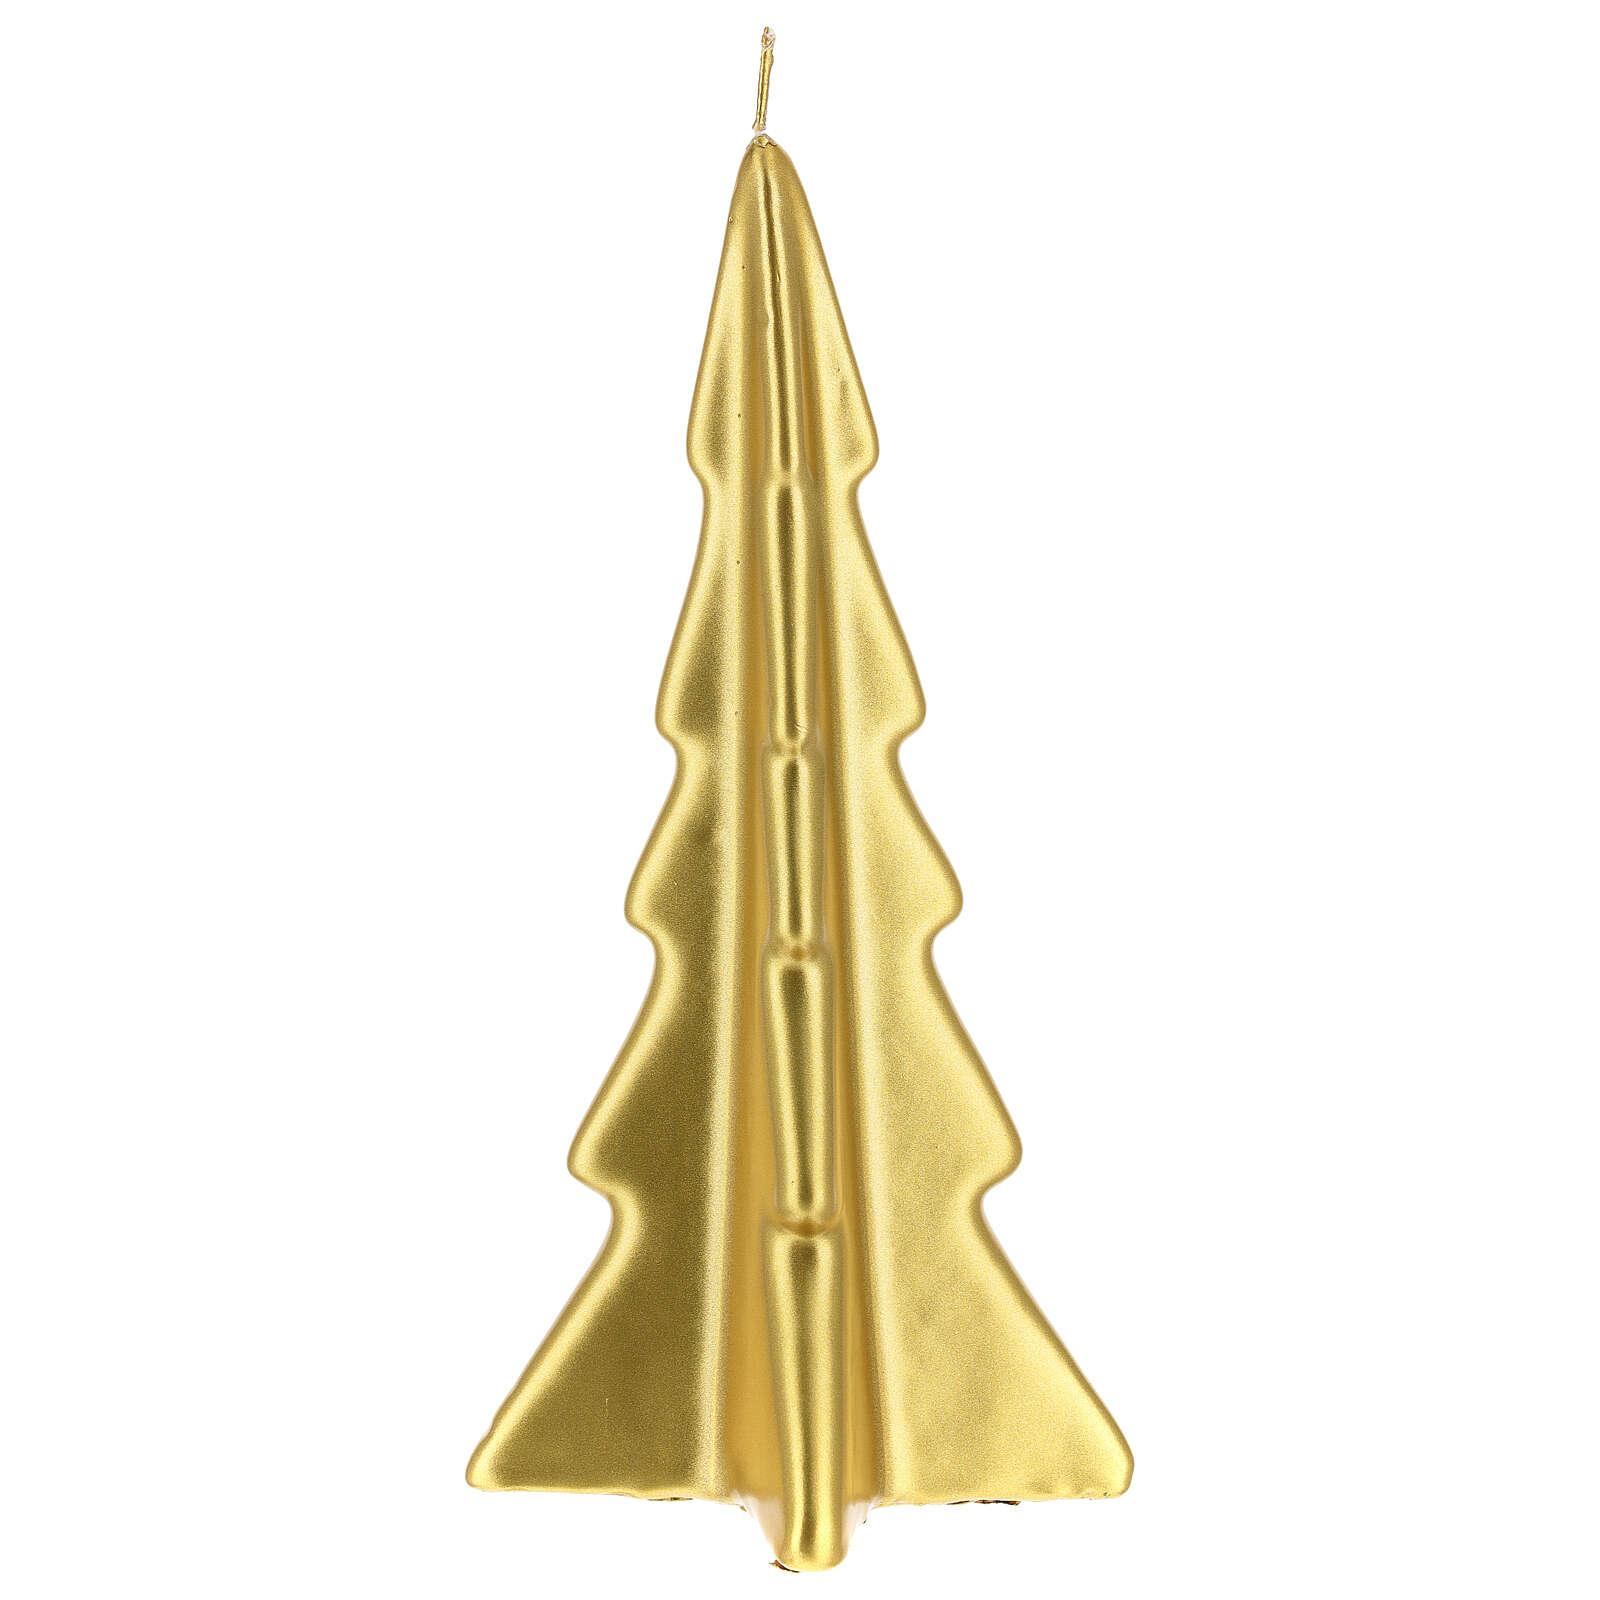 Vela de Natal árvore dourada modelo Oslo 16 cm 3